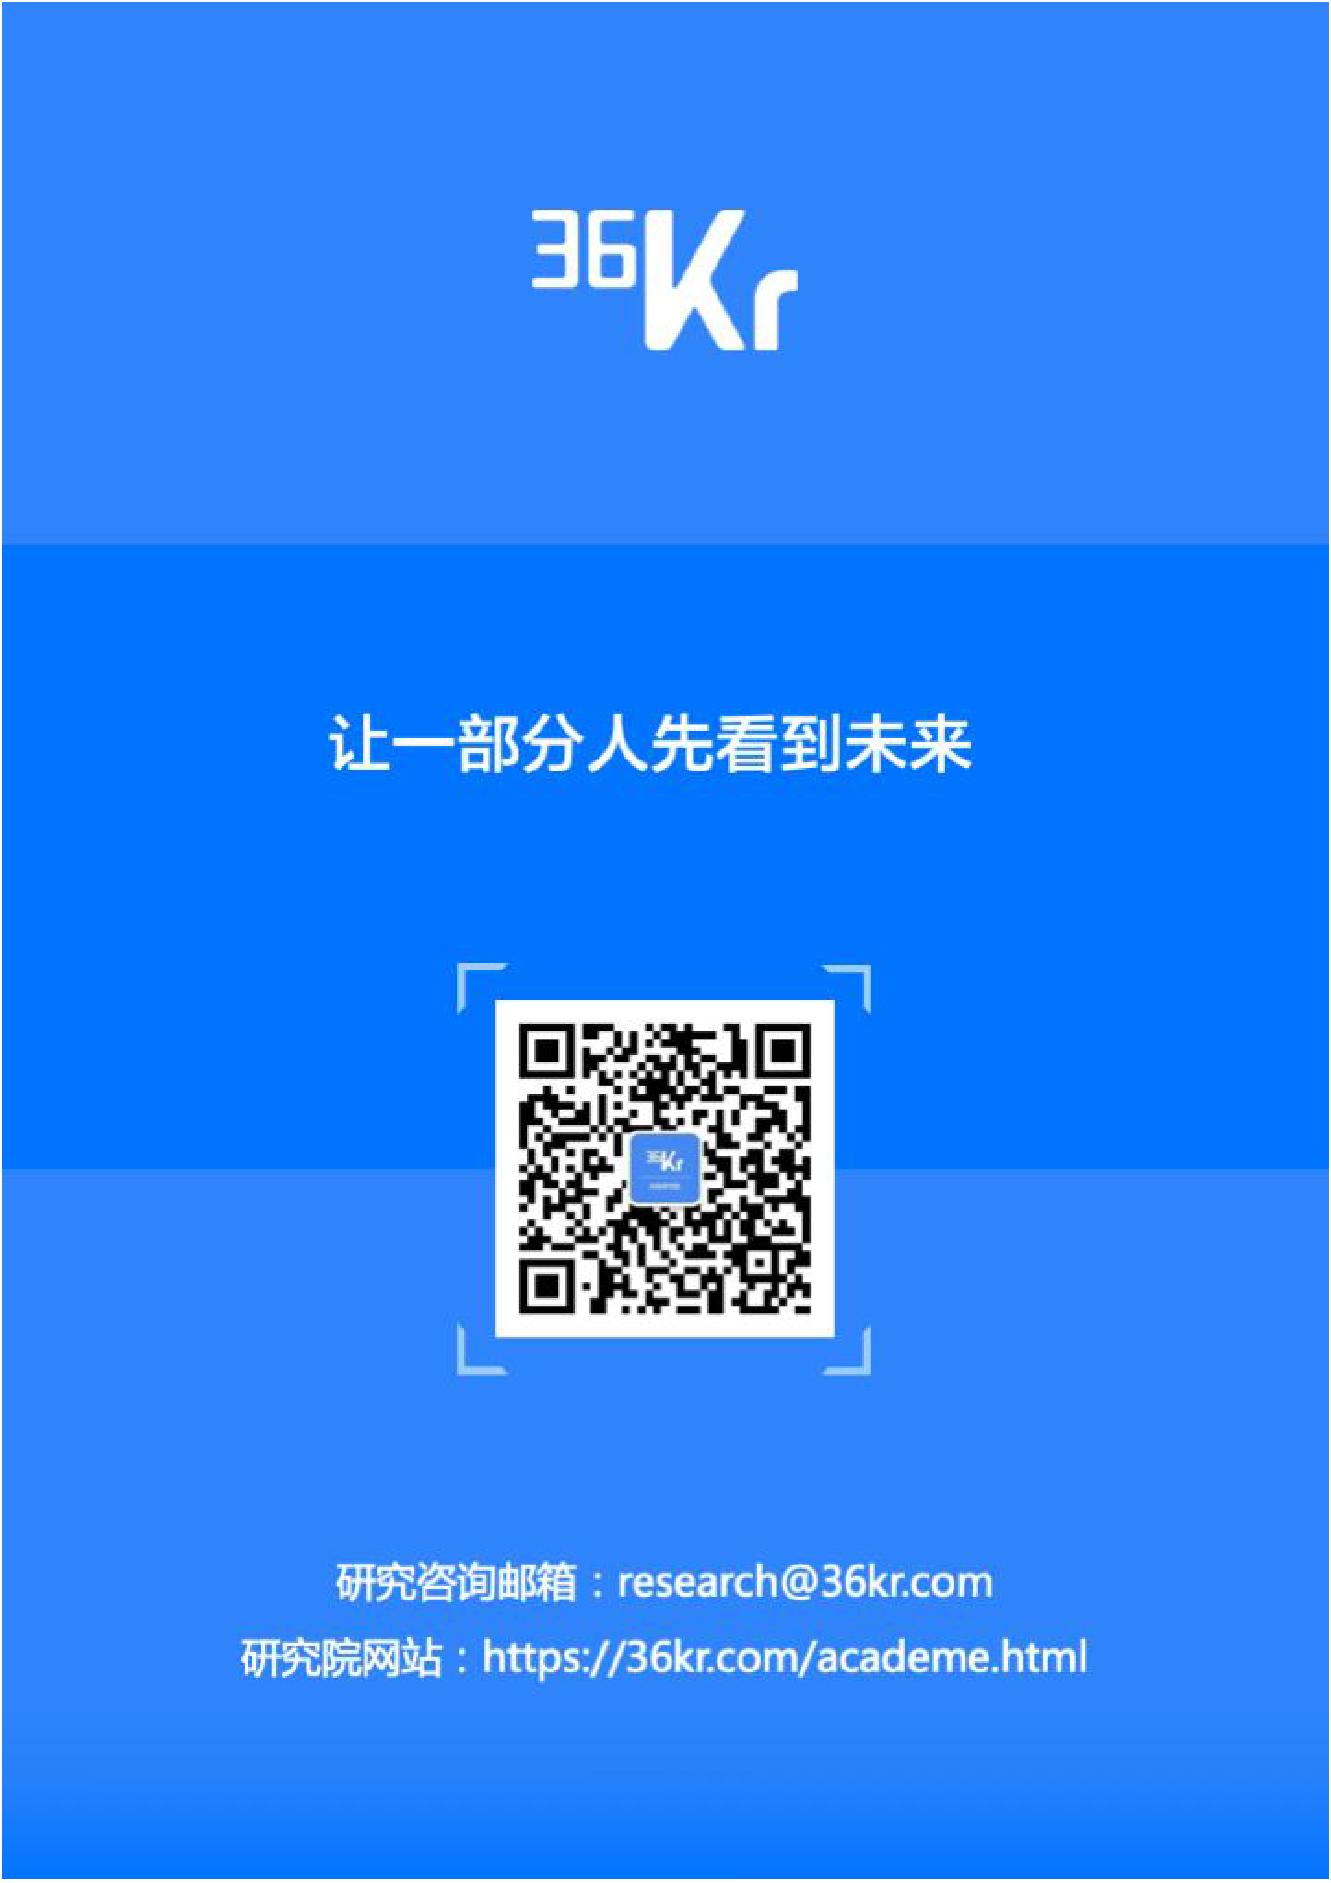 36氪研究院:2020年中国城市人工智能发展指数报告(可下载报告)插图(99)